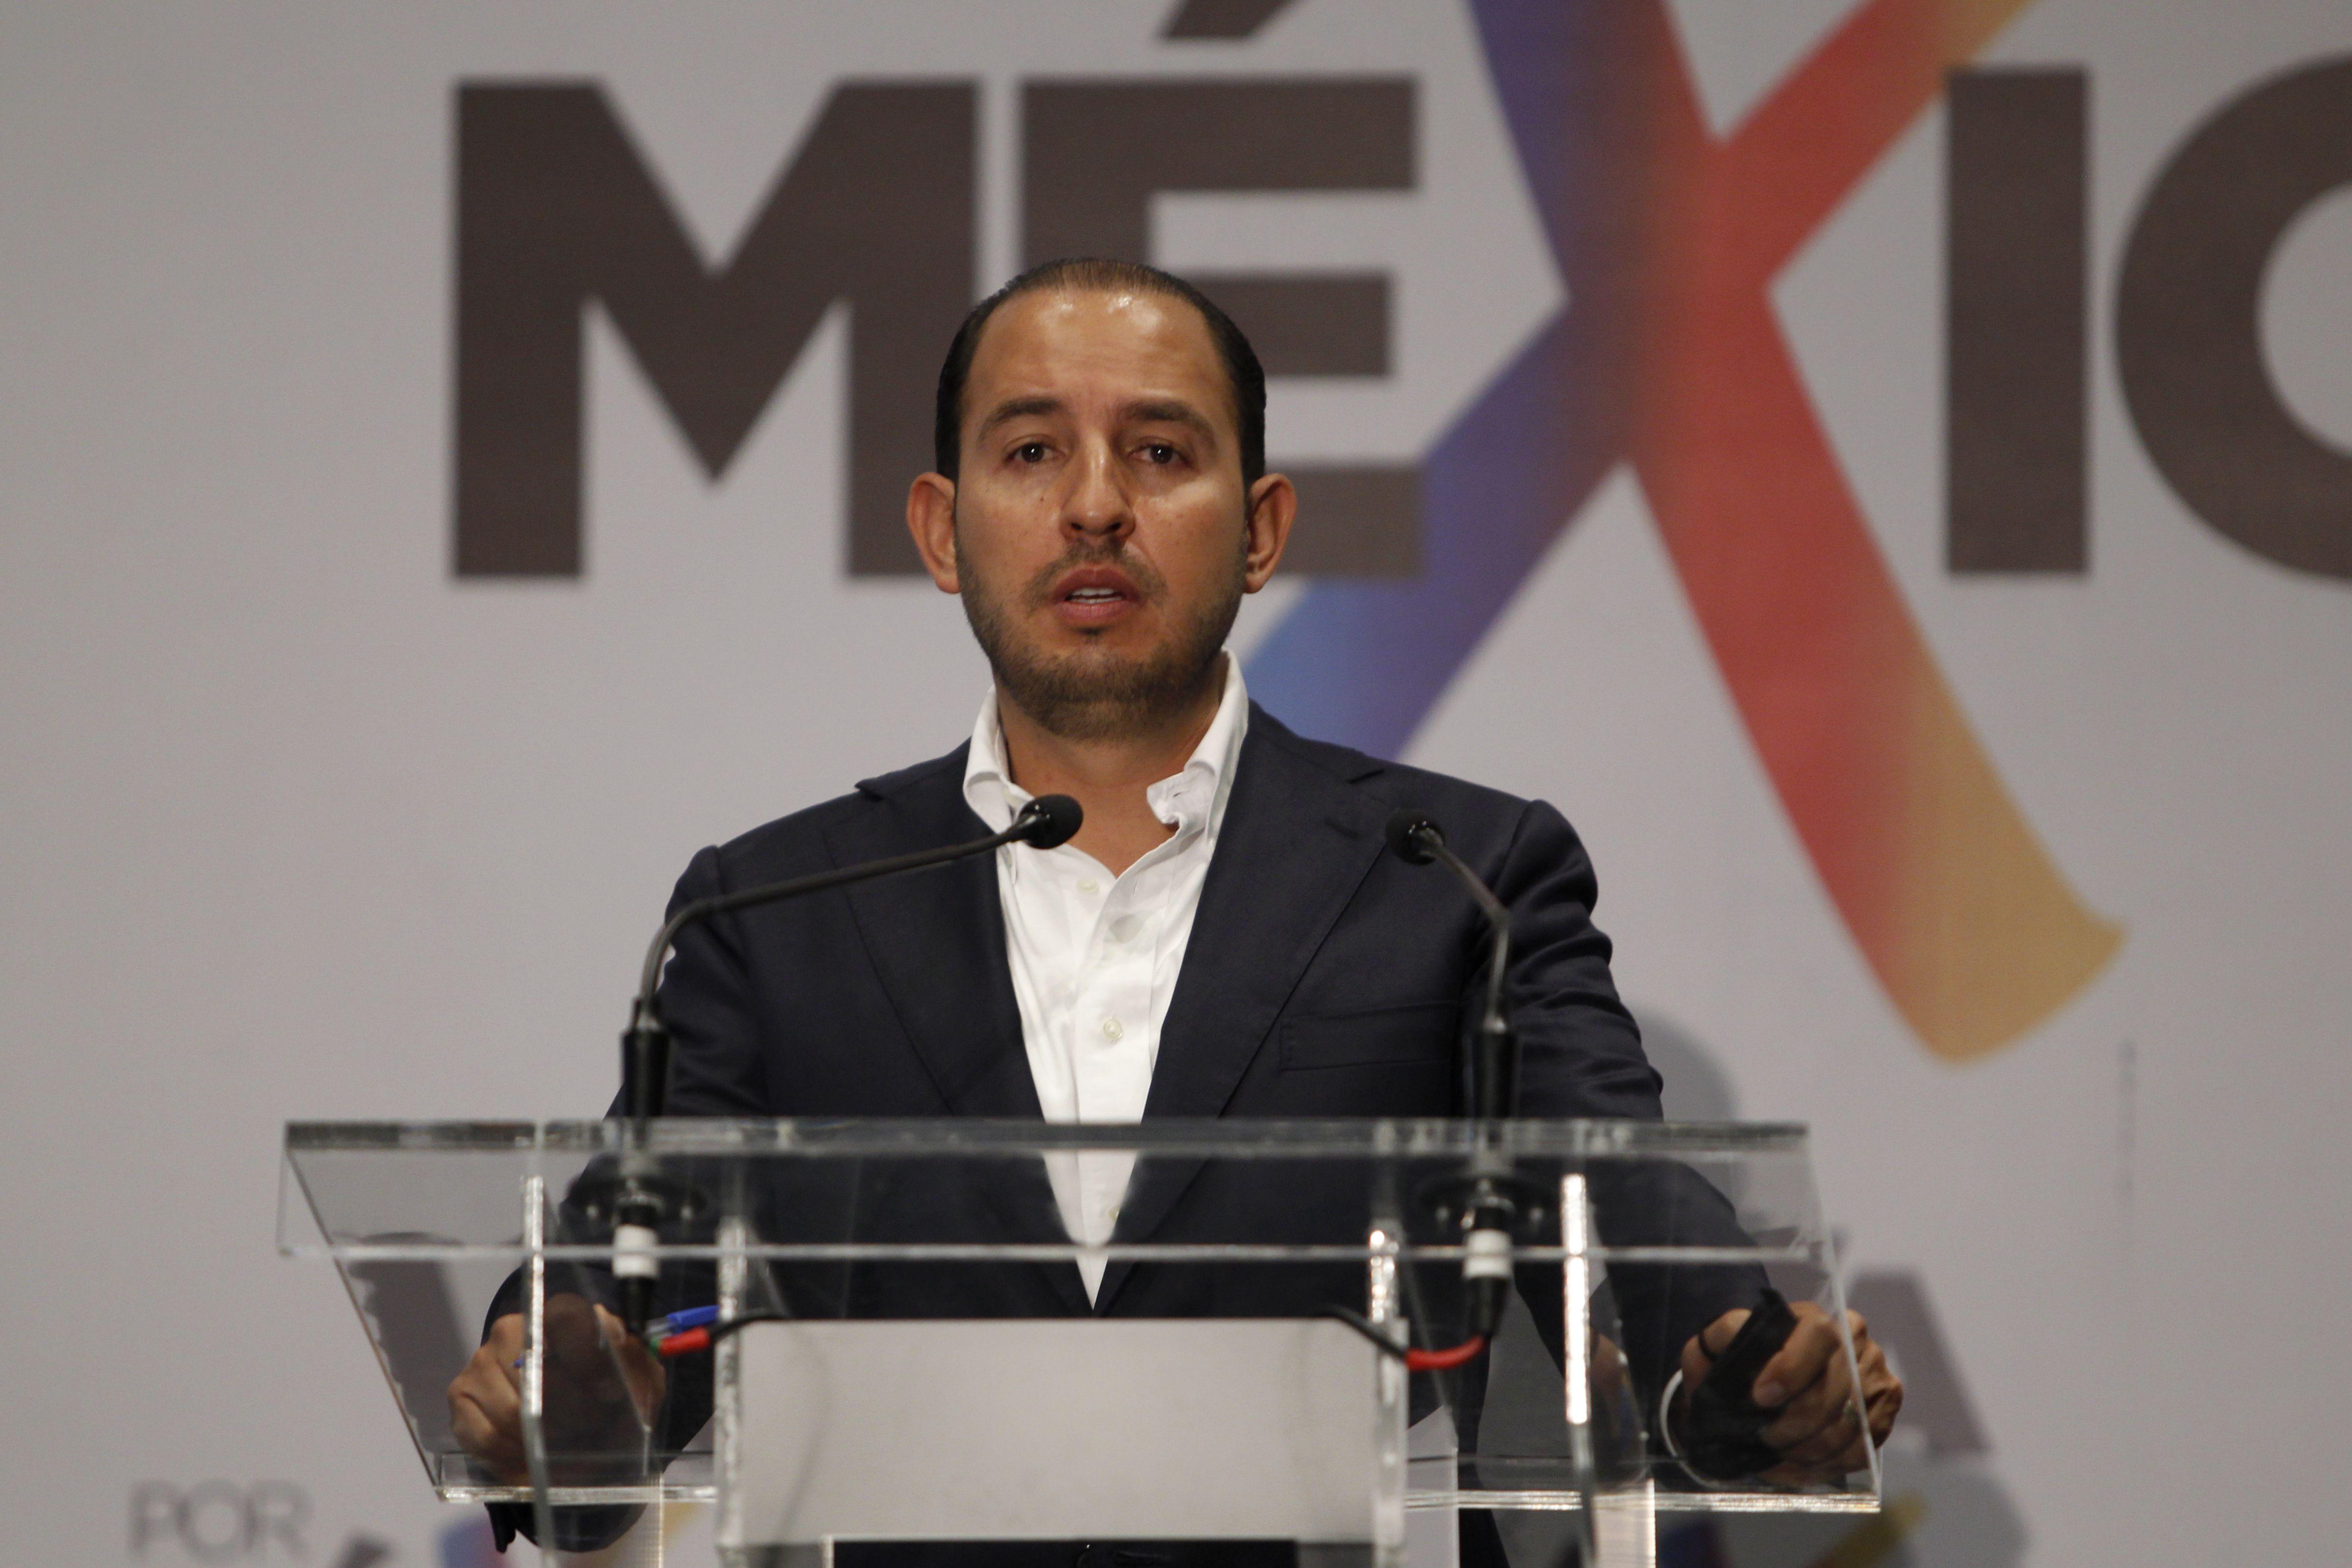 Marko Cortés, presidente nacional del PAN, durante conferencia de prensa en el Hotel Hilton (Foto: Karina Hernández / Infobae México)